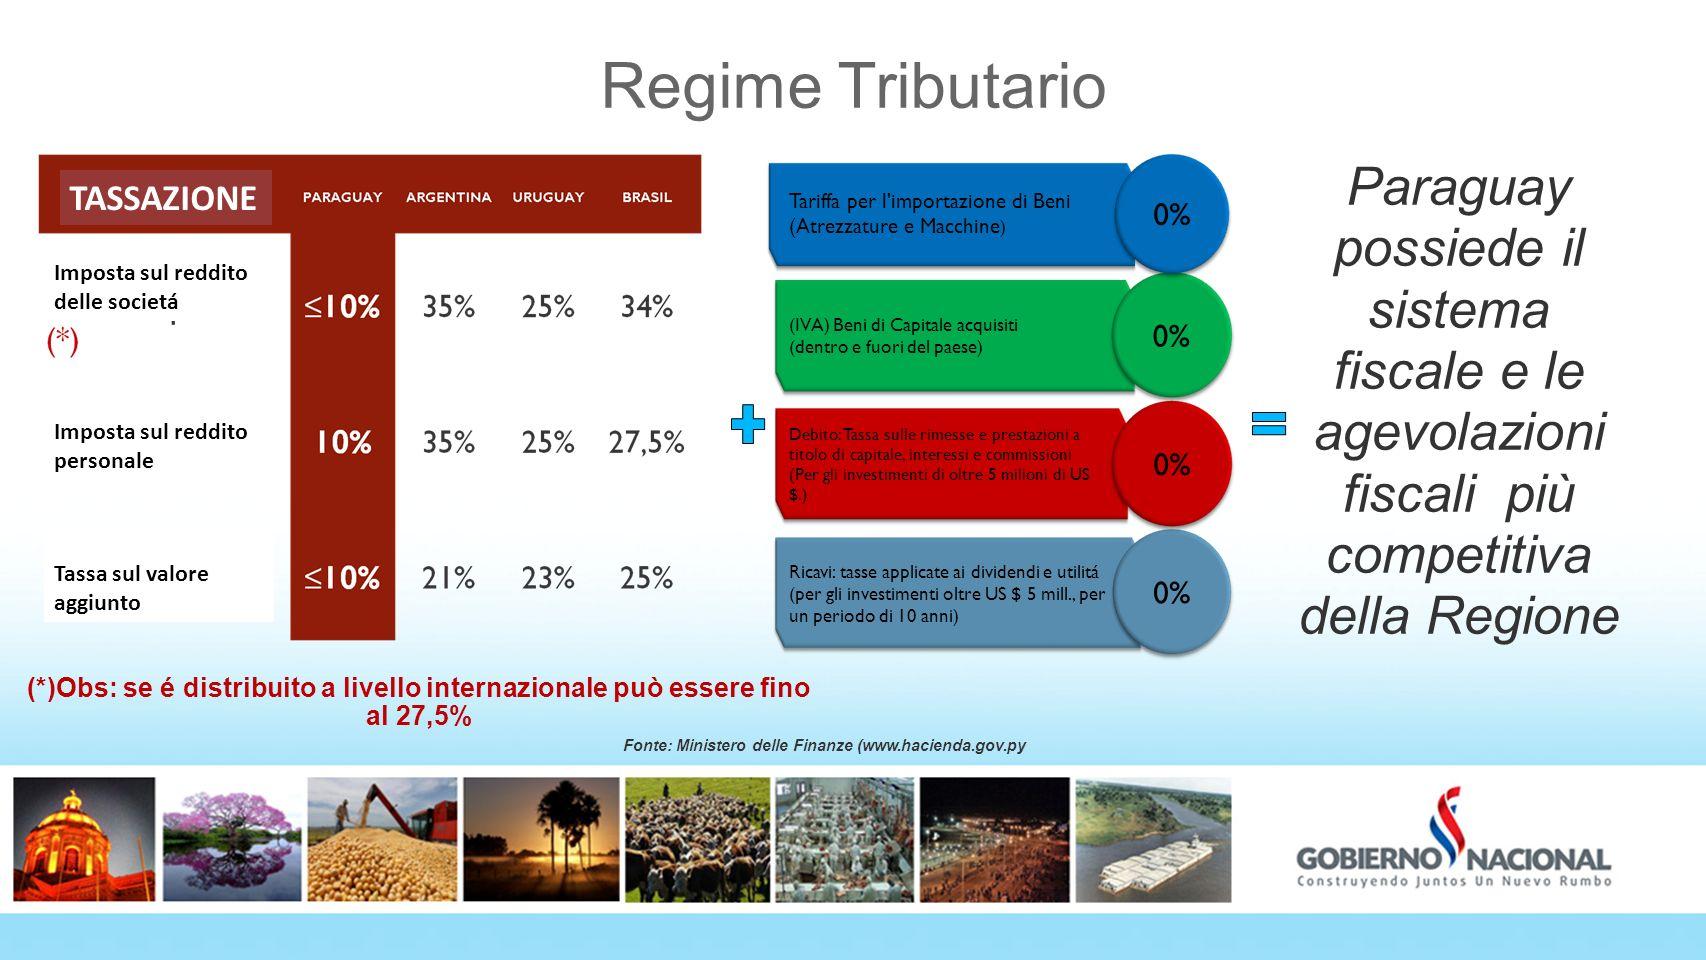 Regime Tributario Paraguay possiede il sistema fiscale e le agevolazioni fiscali più competitiva della Regione Ricavi: tasse applicate ai dividendi e